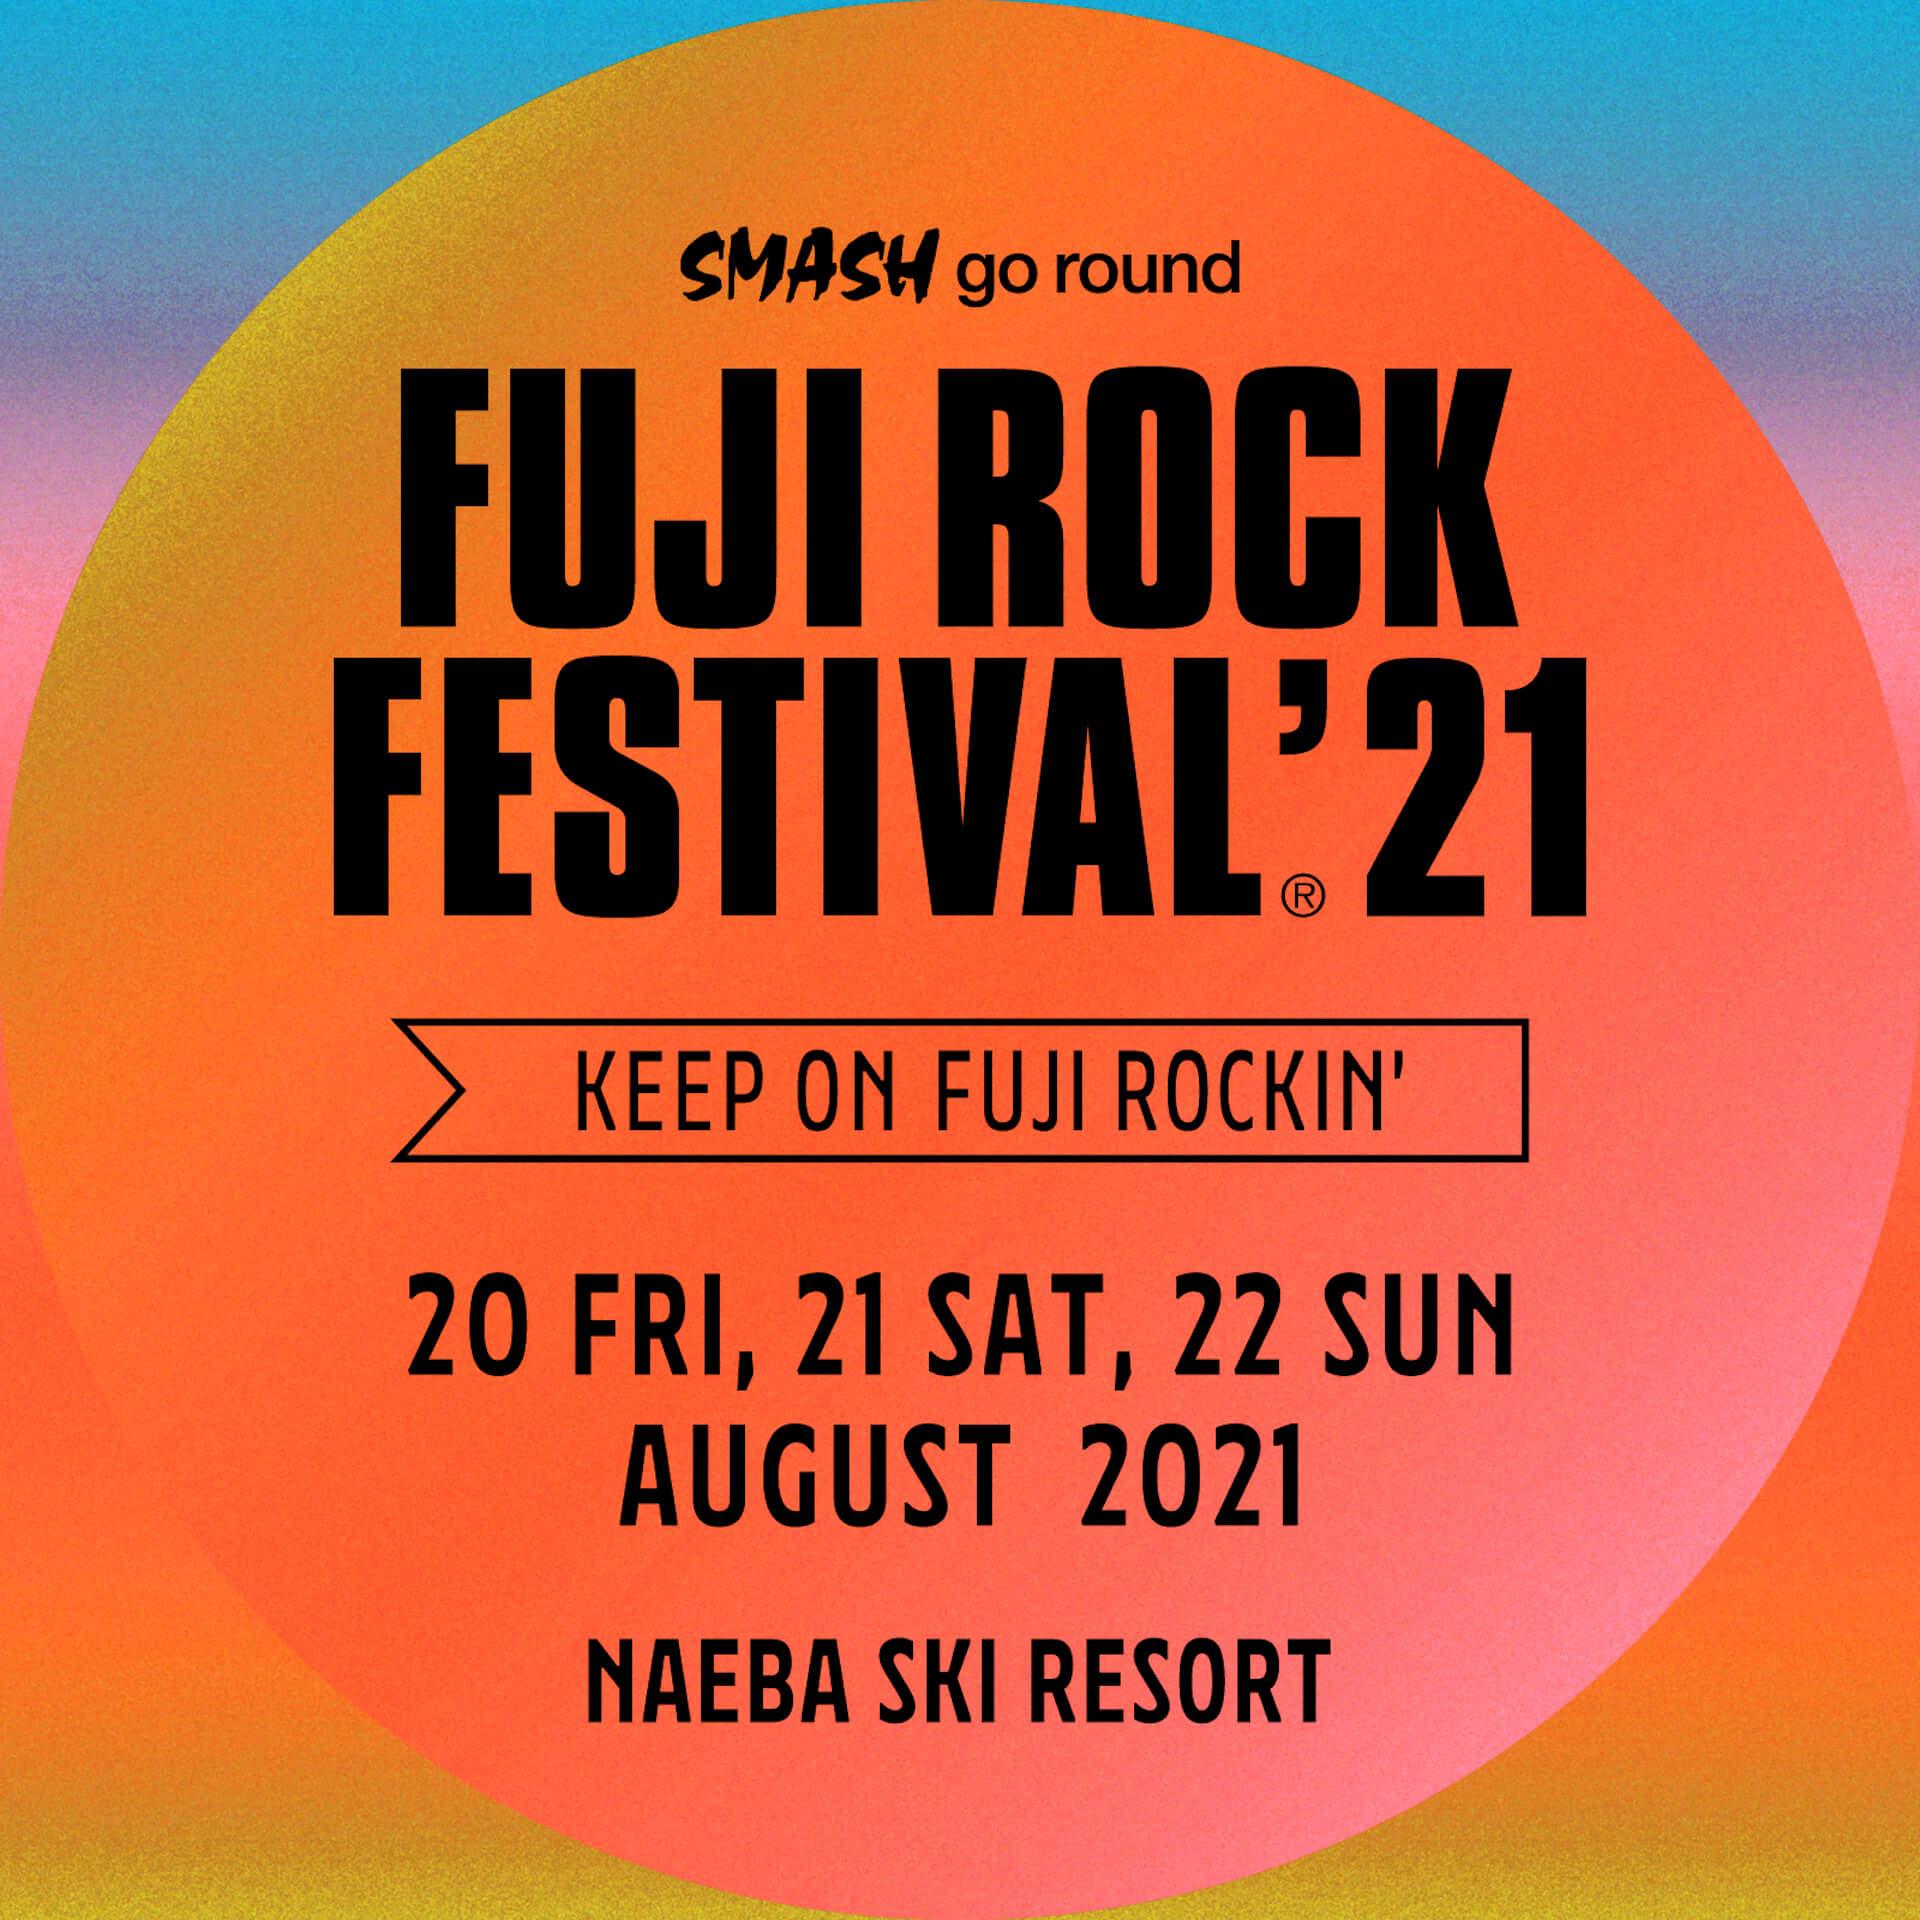 折坂悠太、カネコアヤノ、PUNPEEらが熱演!<KEEP ON FUJI ROCKIN' II >のオフィシャルレポートが公開 music210107_fujirock-09